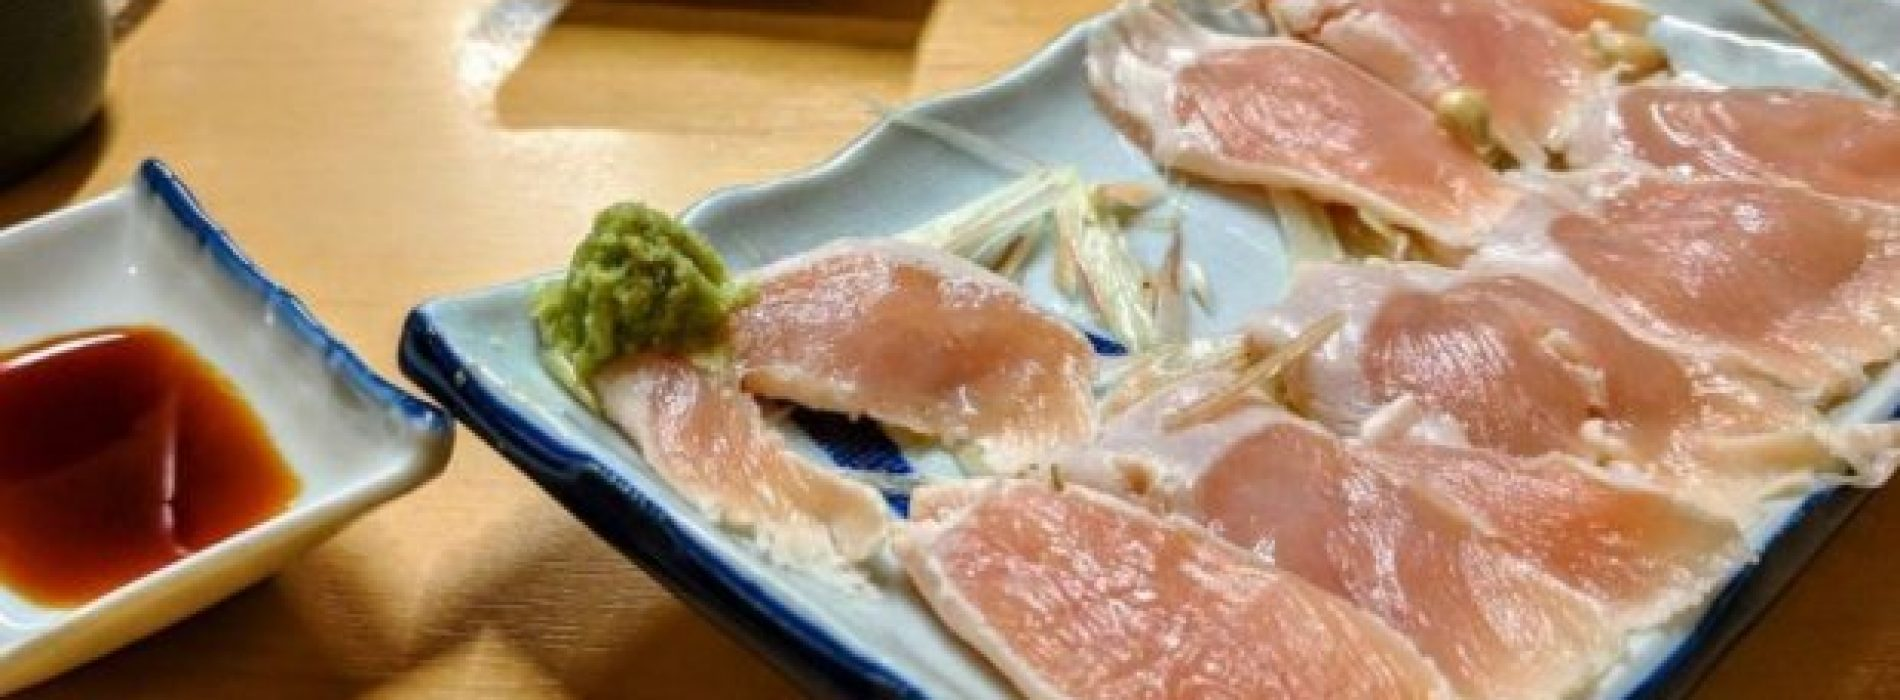 Sushi van rauwe kip: hoe gevaarlijk is dat?